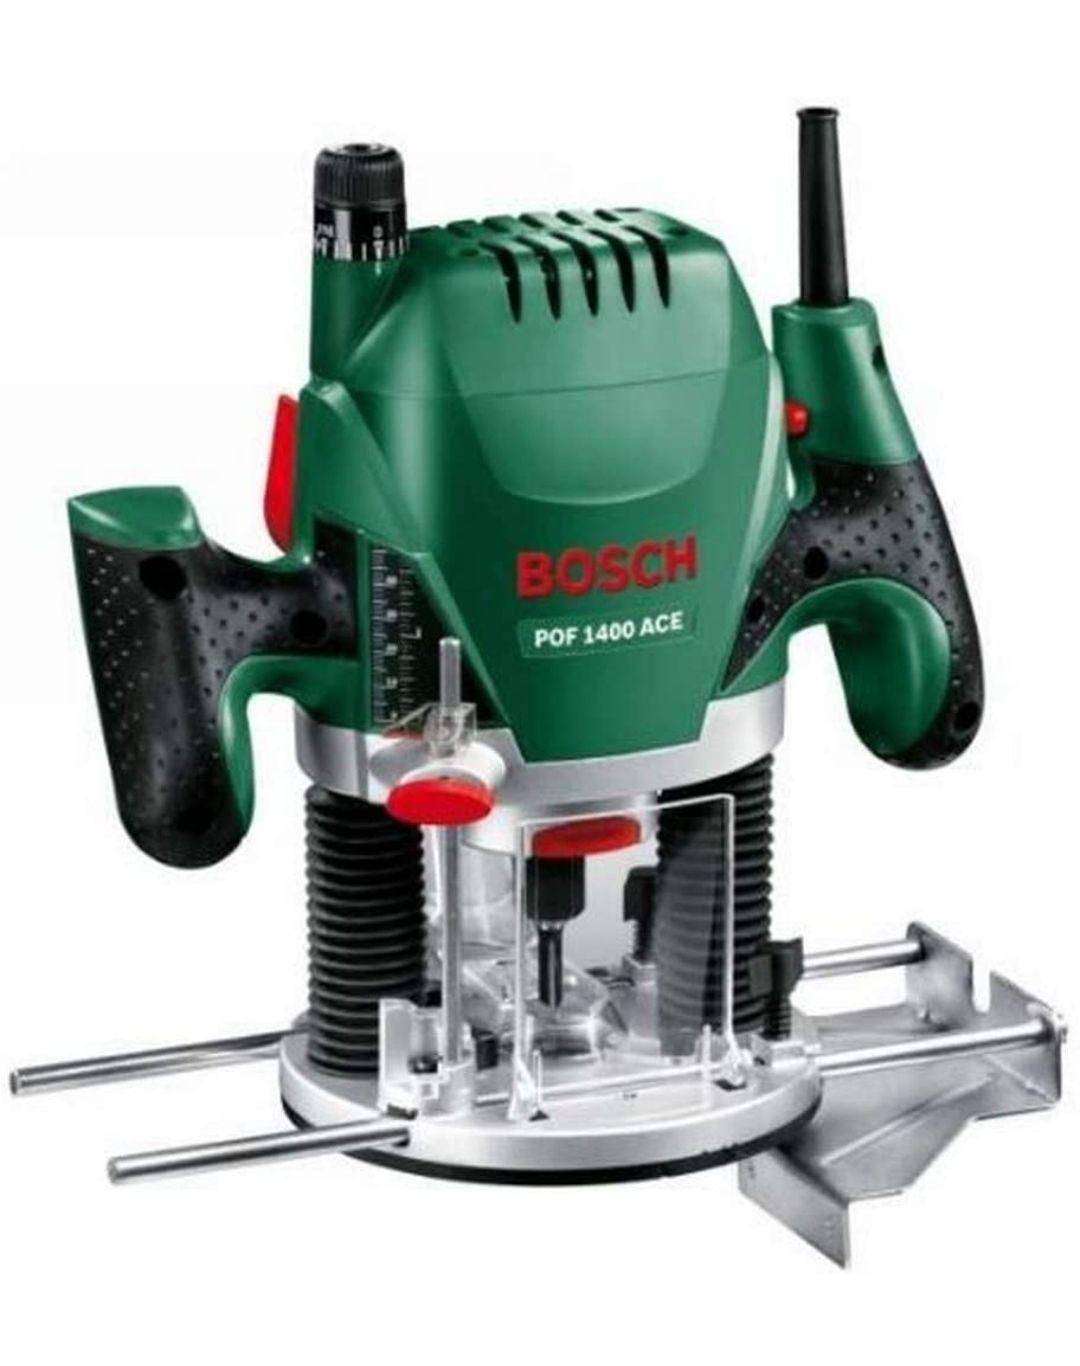 [Prime] Défonceuse Bosch POF 1400 ACE + Accessoires